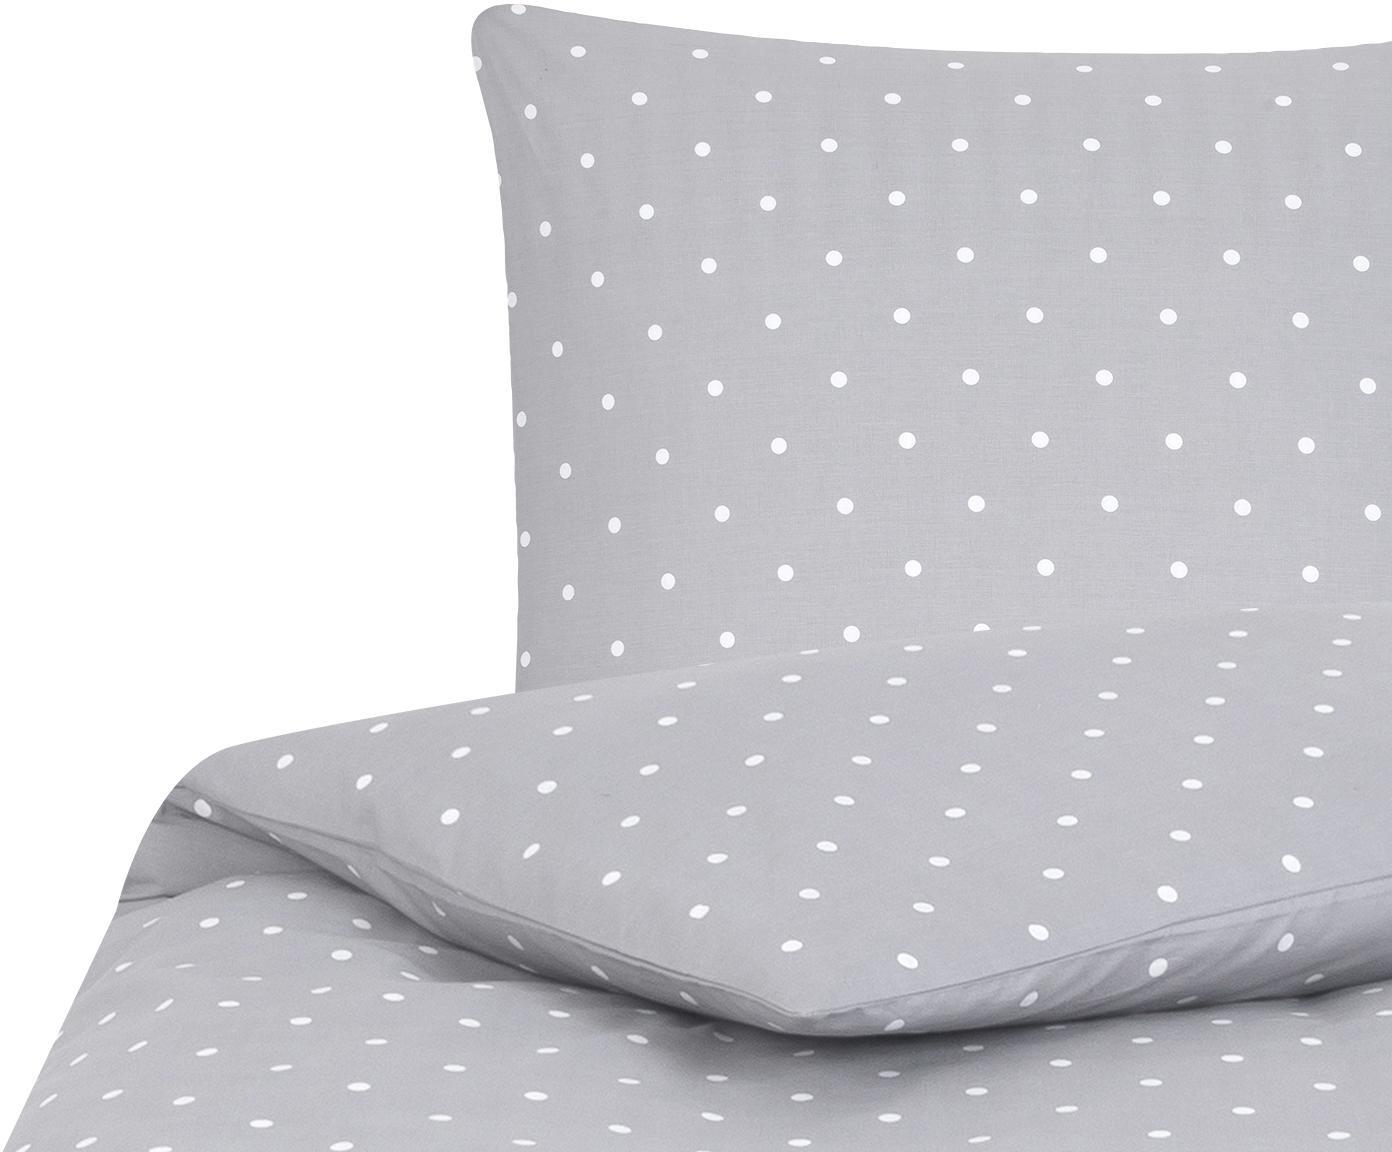 Gepunktete Baumwoll-Bettwäsche Dotty in Grau/Weiß, Webart: Renforcé Fadendichte 144 , Grau, Weiß, 155 x 220 cm + 1 Kissen 80 x 80 cm